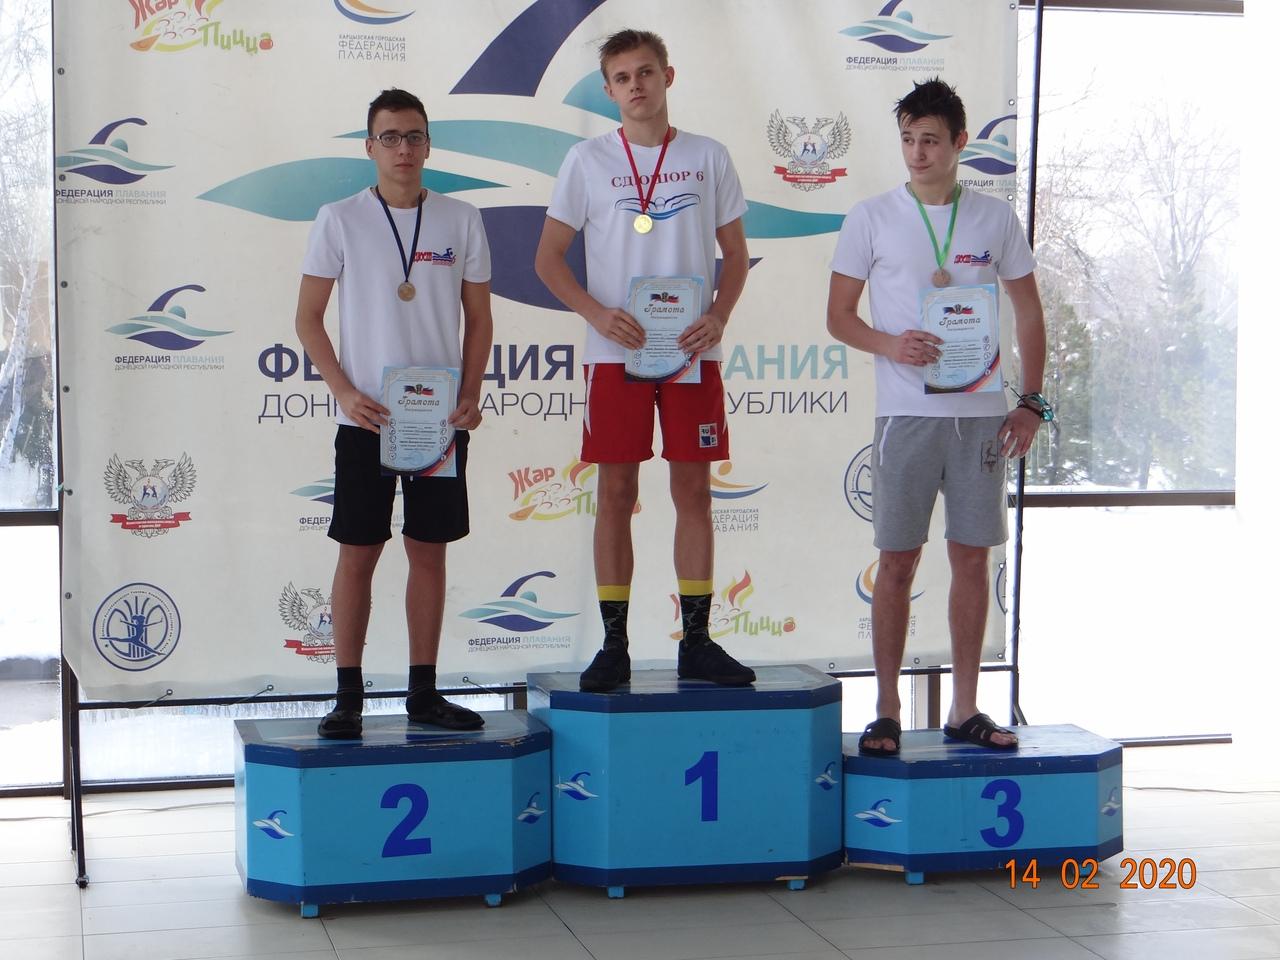 В Донецке прошли соревнования по плаванию среди юношей и девушек